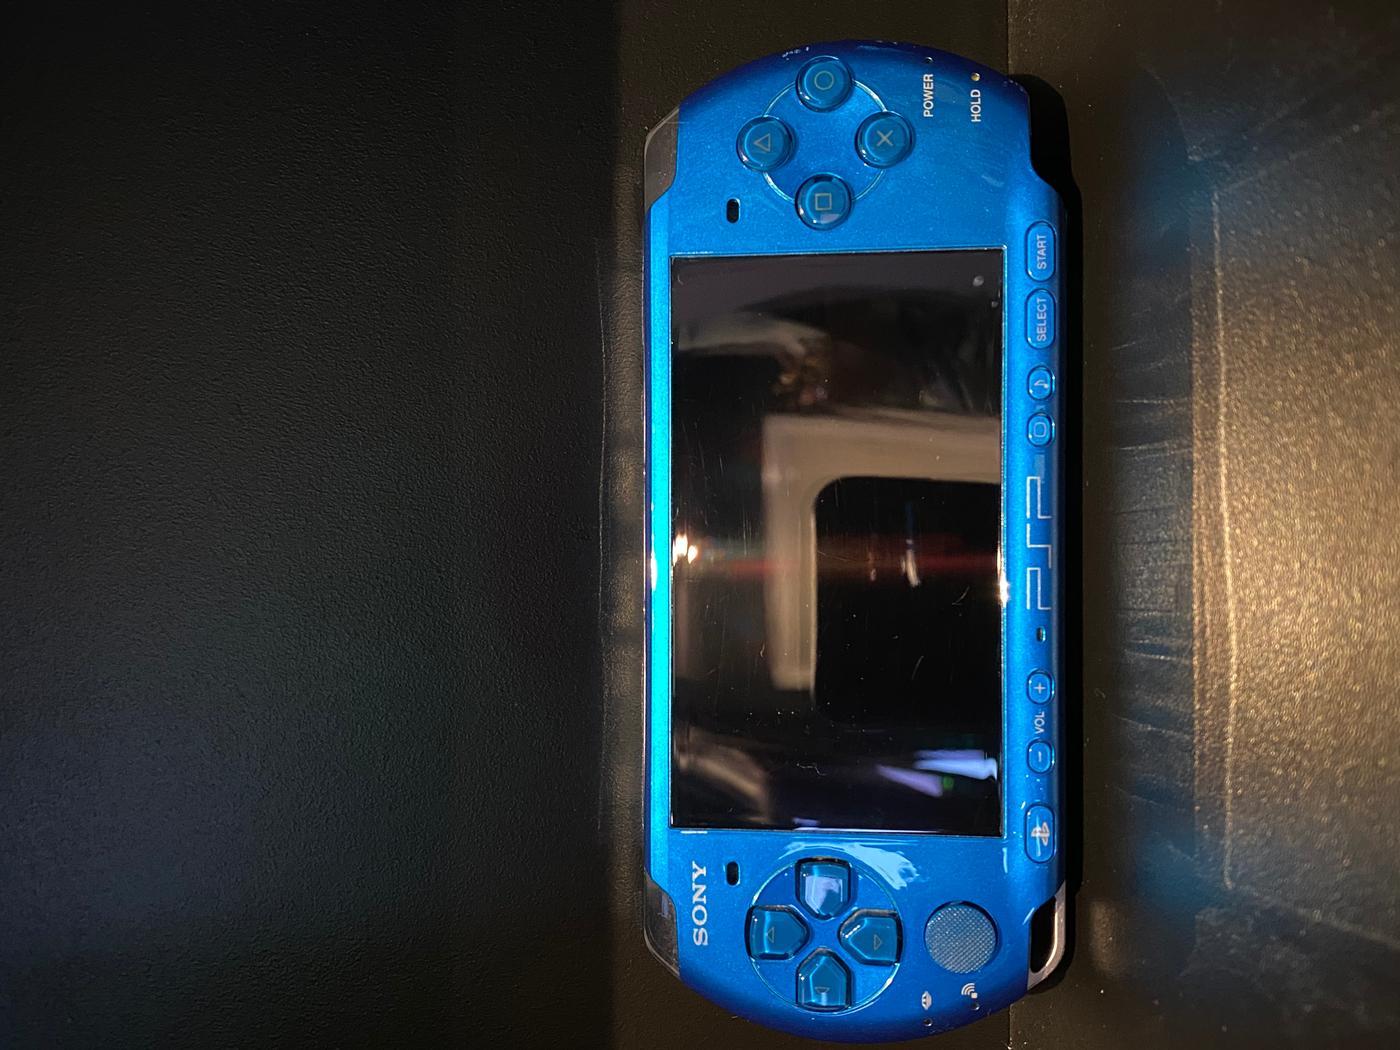 Blue PSP Refurbished